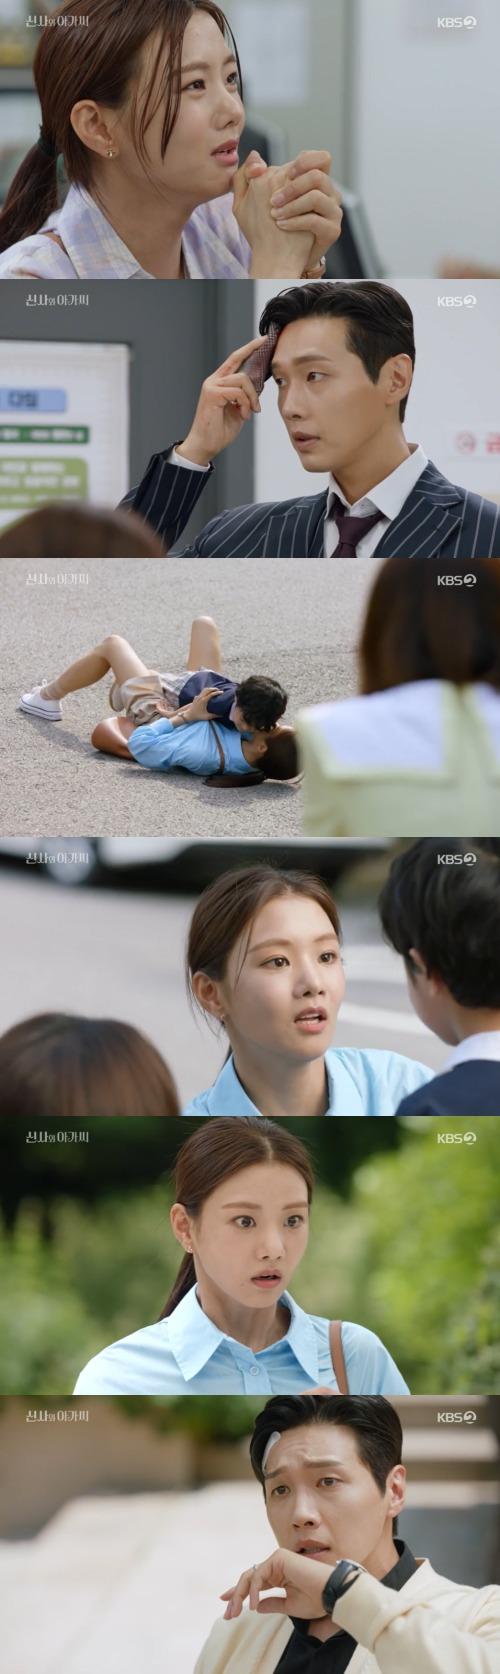 KBS 2TV '신사와 아가씨' 방송 화면 캡처 © 뉴스1